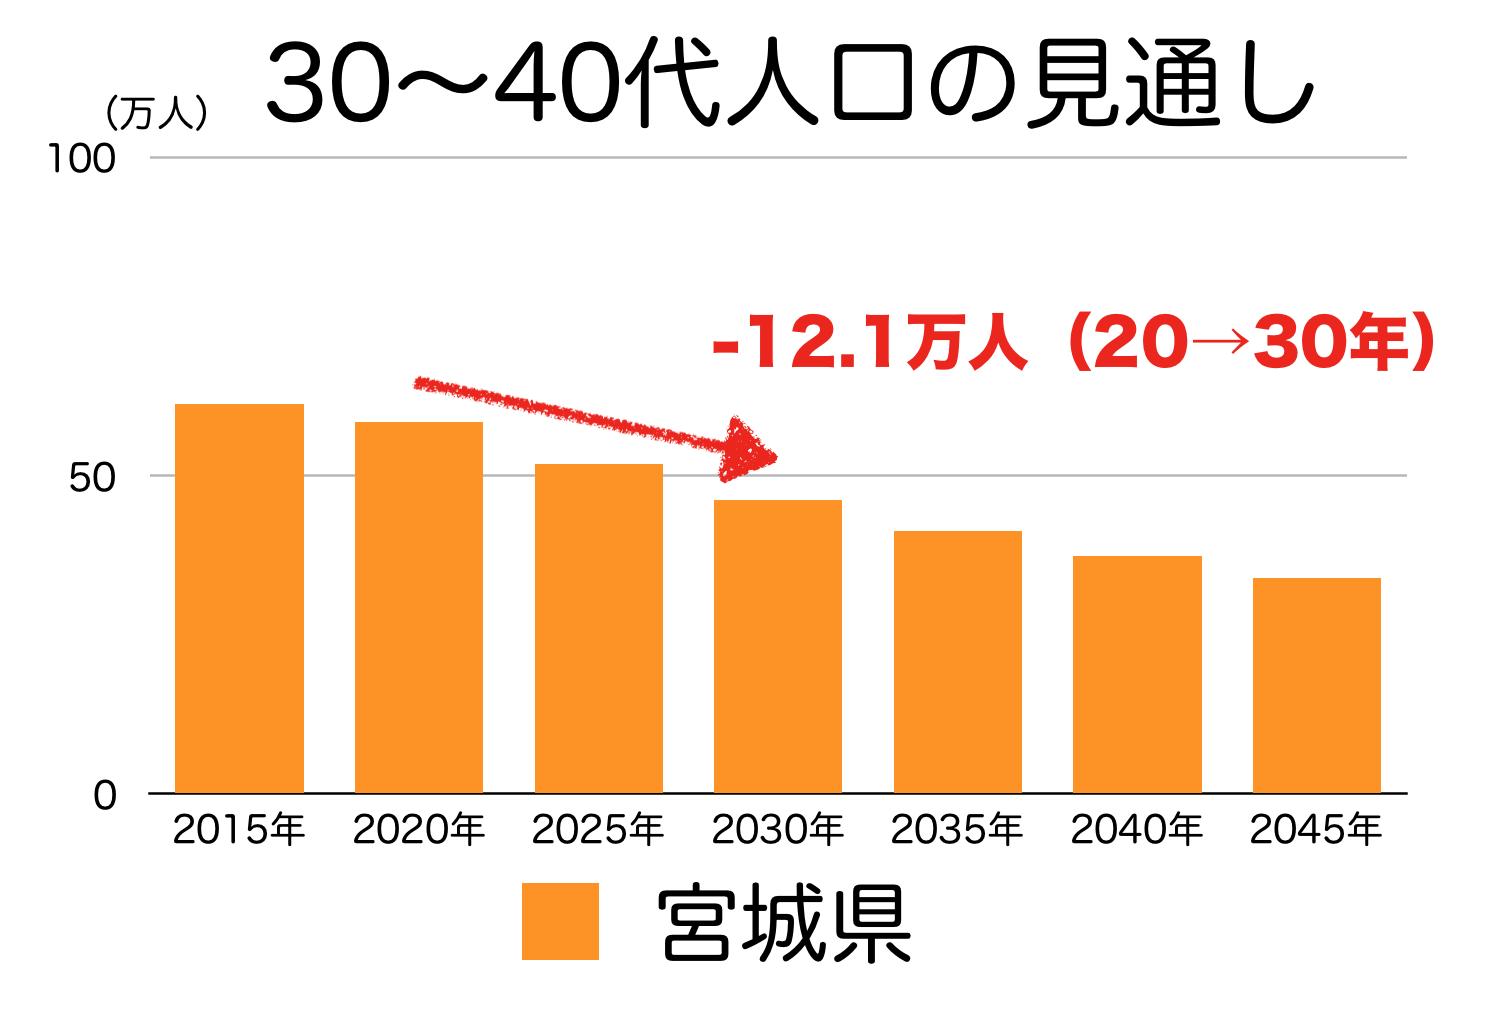 宮城県の30〜40代人口の予測